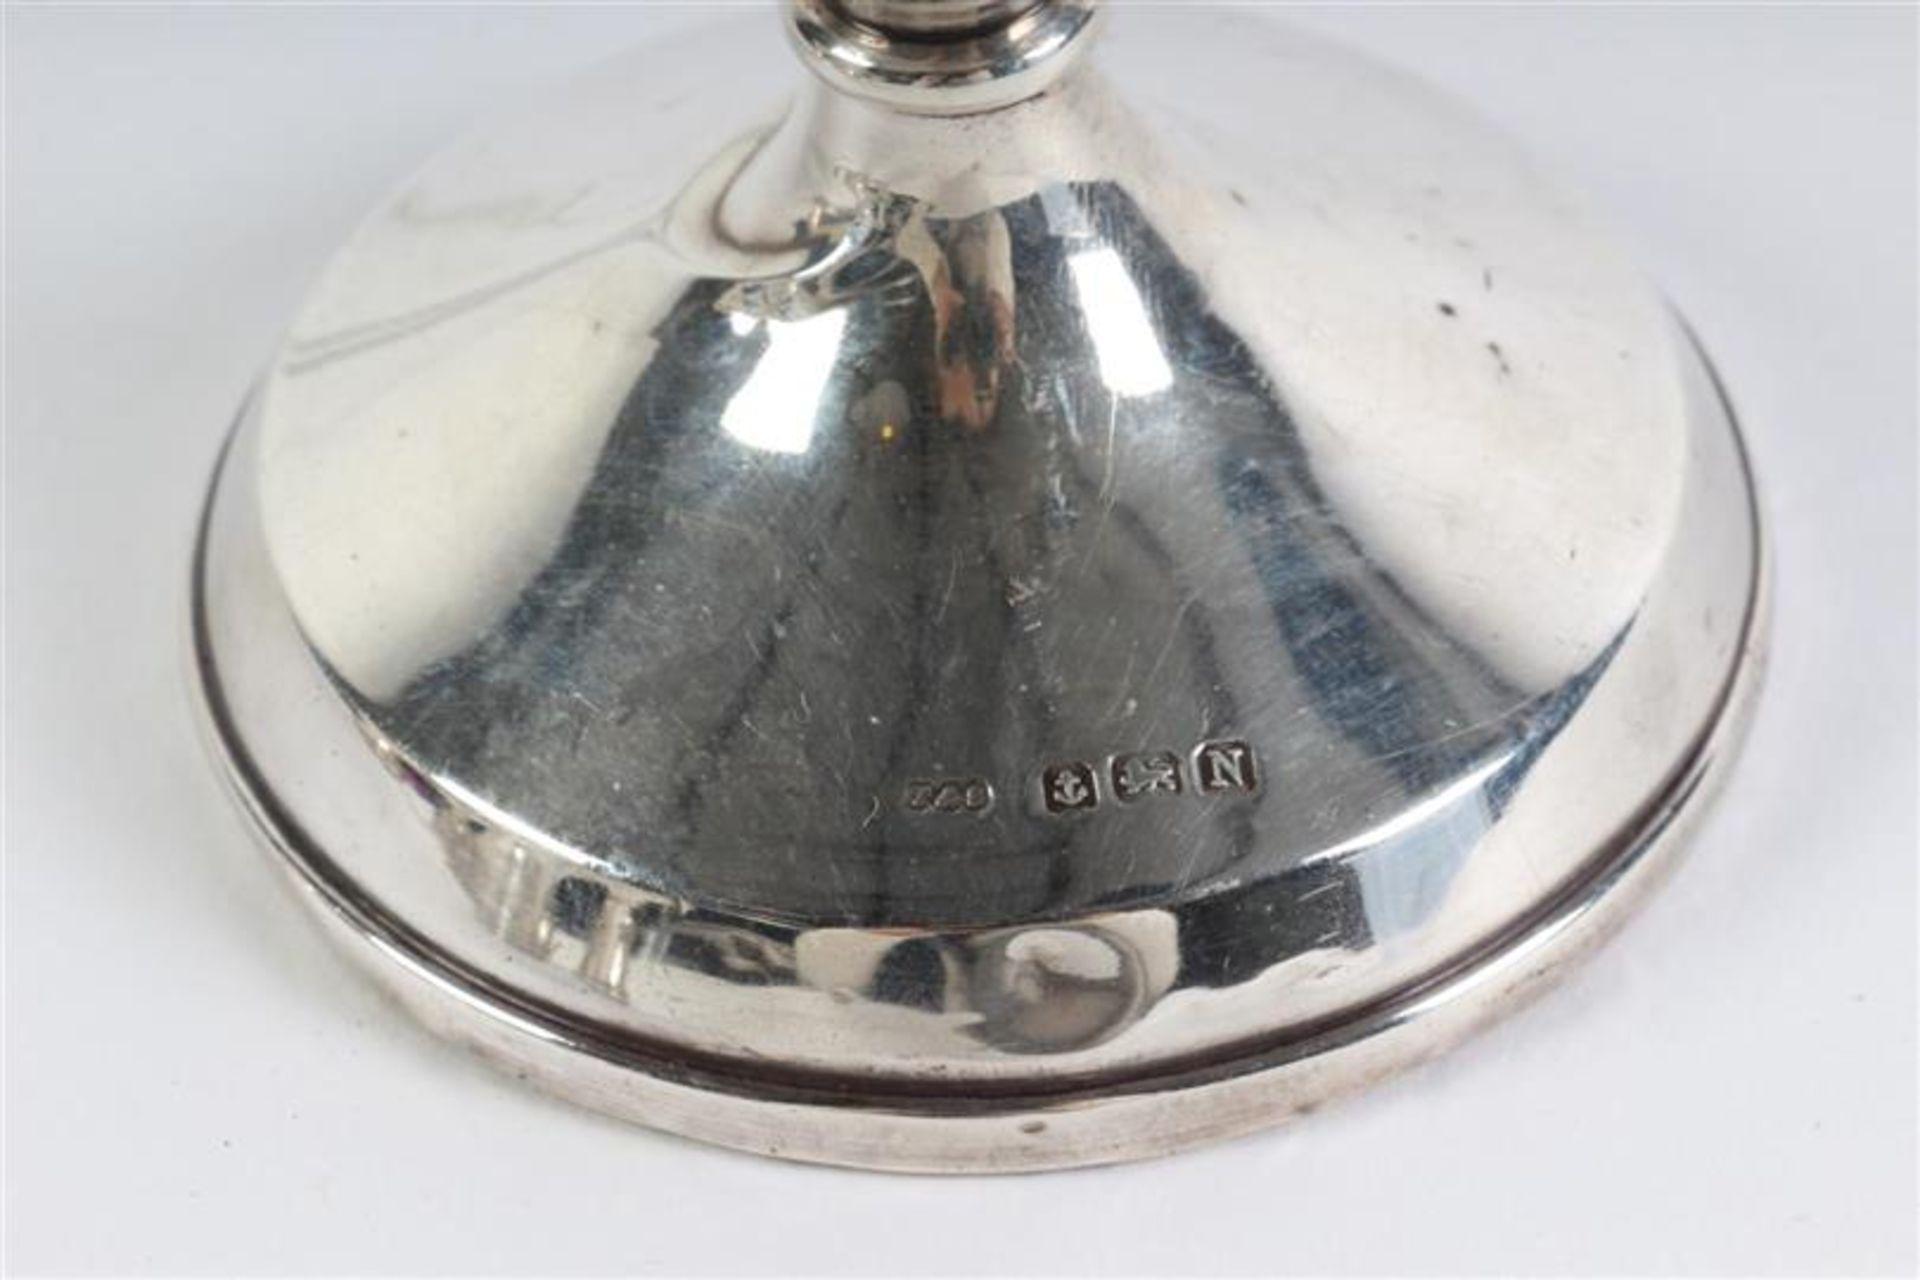 Zeven zilveren kandelaars, Engeland, 20e eeuw. H: 7 - 9 cm. - Bild 3 aus 4